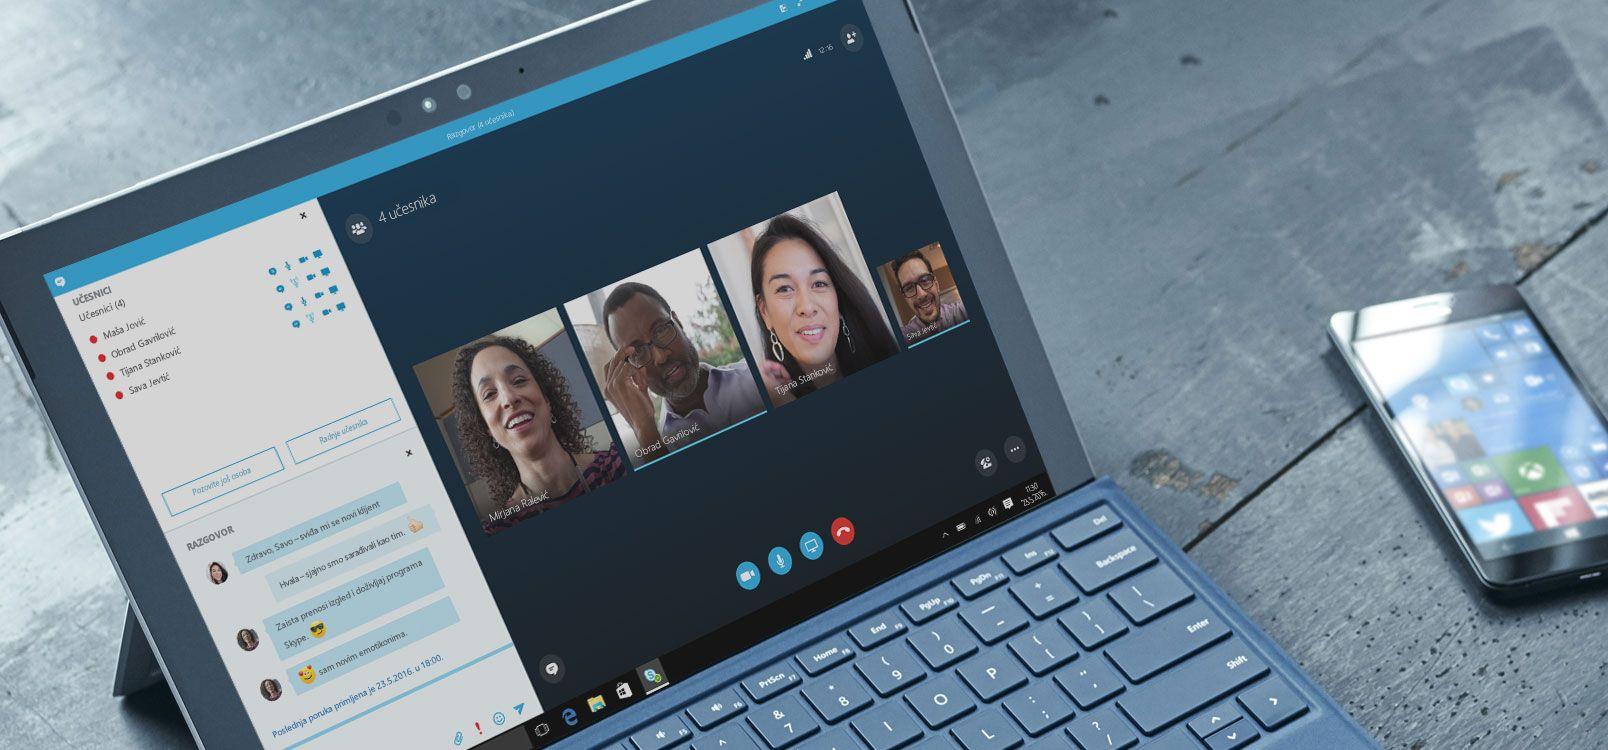 Žena koristi Office 365 na tabletu i pametnom telefonu kako bi sarađivala na dokumentima.